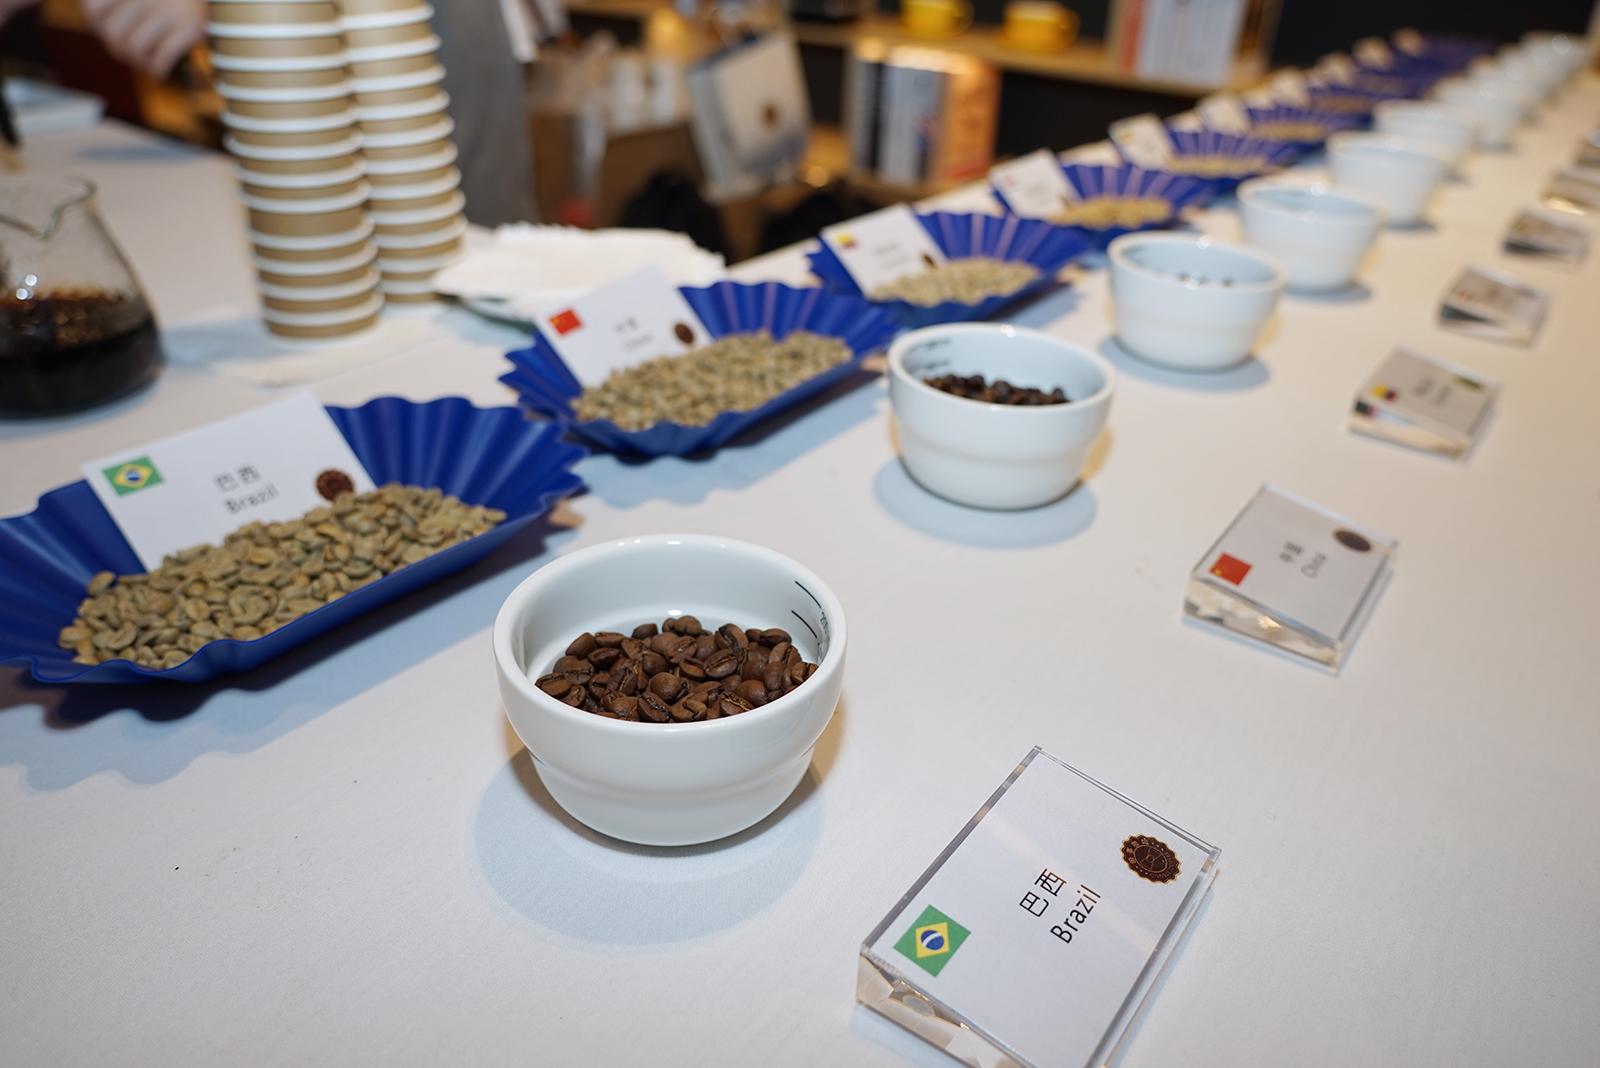 虹桥国际咖啡港咖啡文化购物集和虹桥国际咖啡文化月活动同步启动。